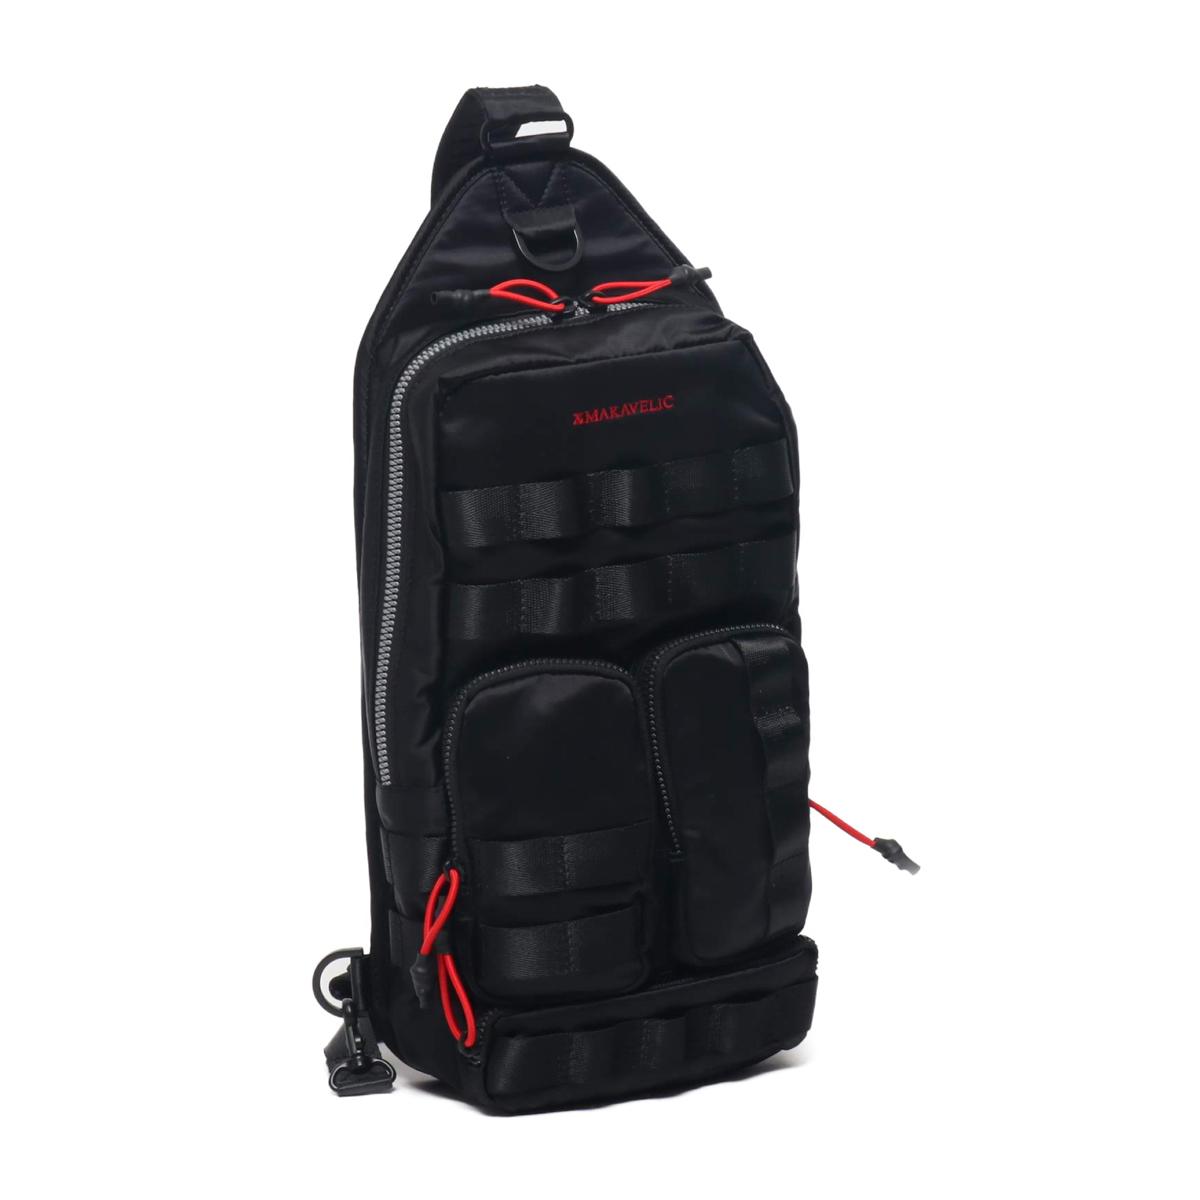 MAKAVELIC ASSASSIN BODY BAG(マキャベリック アサシン ボディ バッグ)BLACK【メンズ レディース ボディバッグ】20SP-I